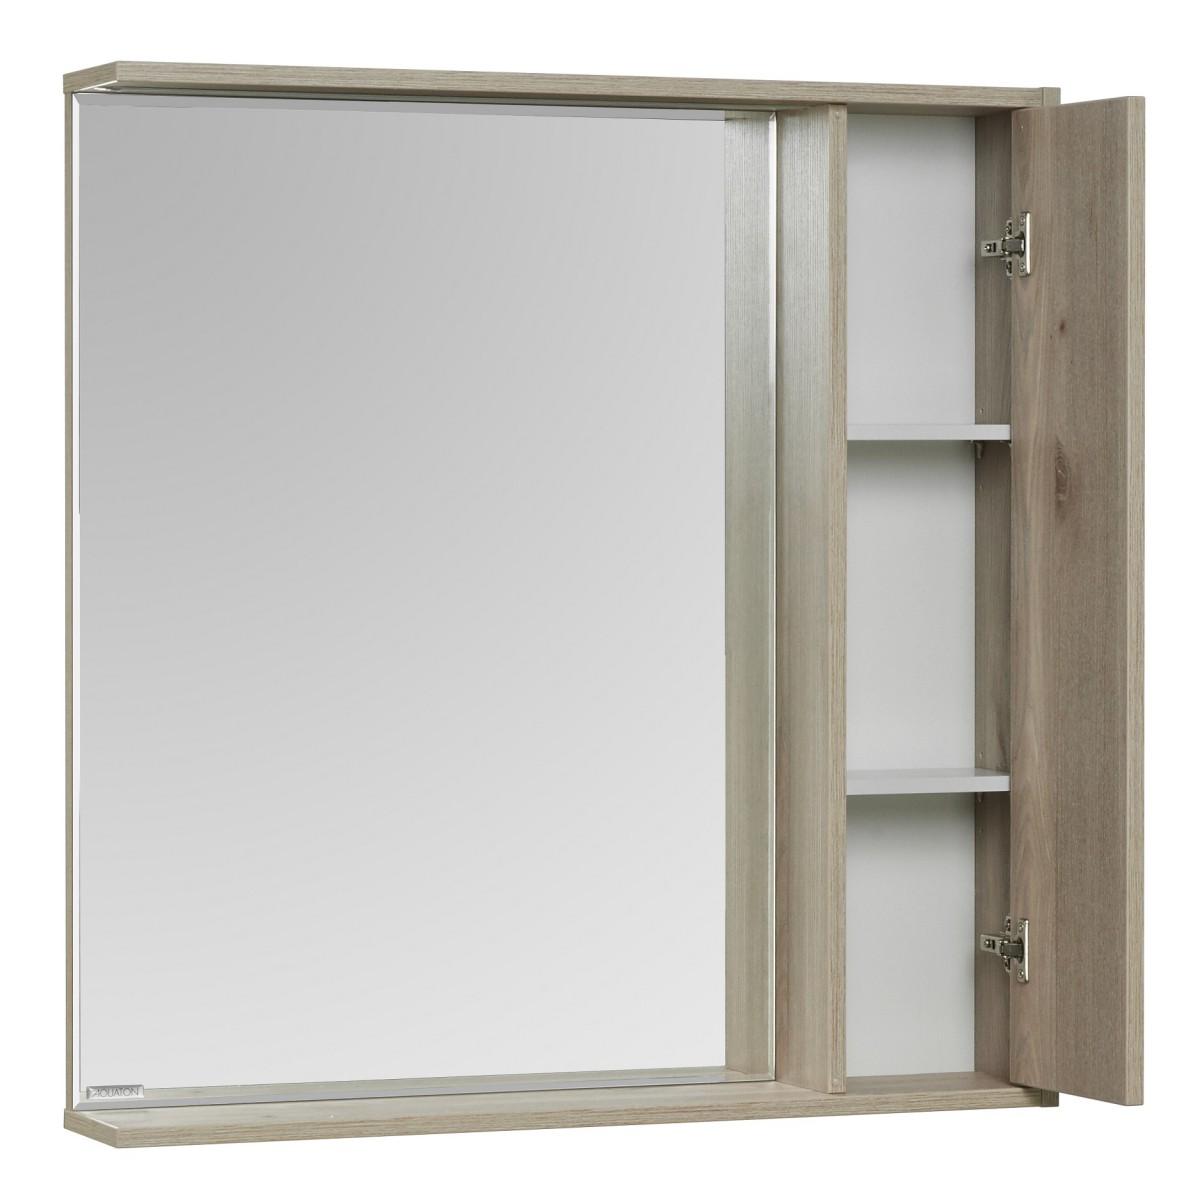 Зеркальный шкаф Акватон Стоун 80 сосна арлингтон